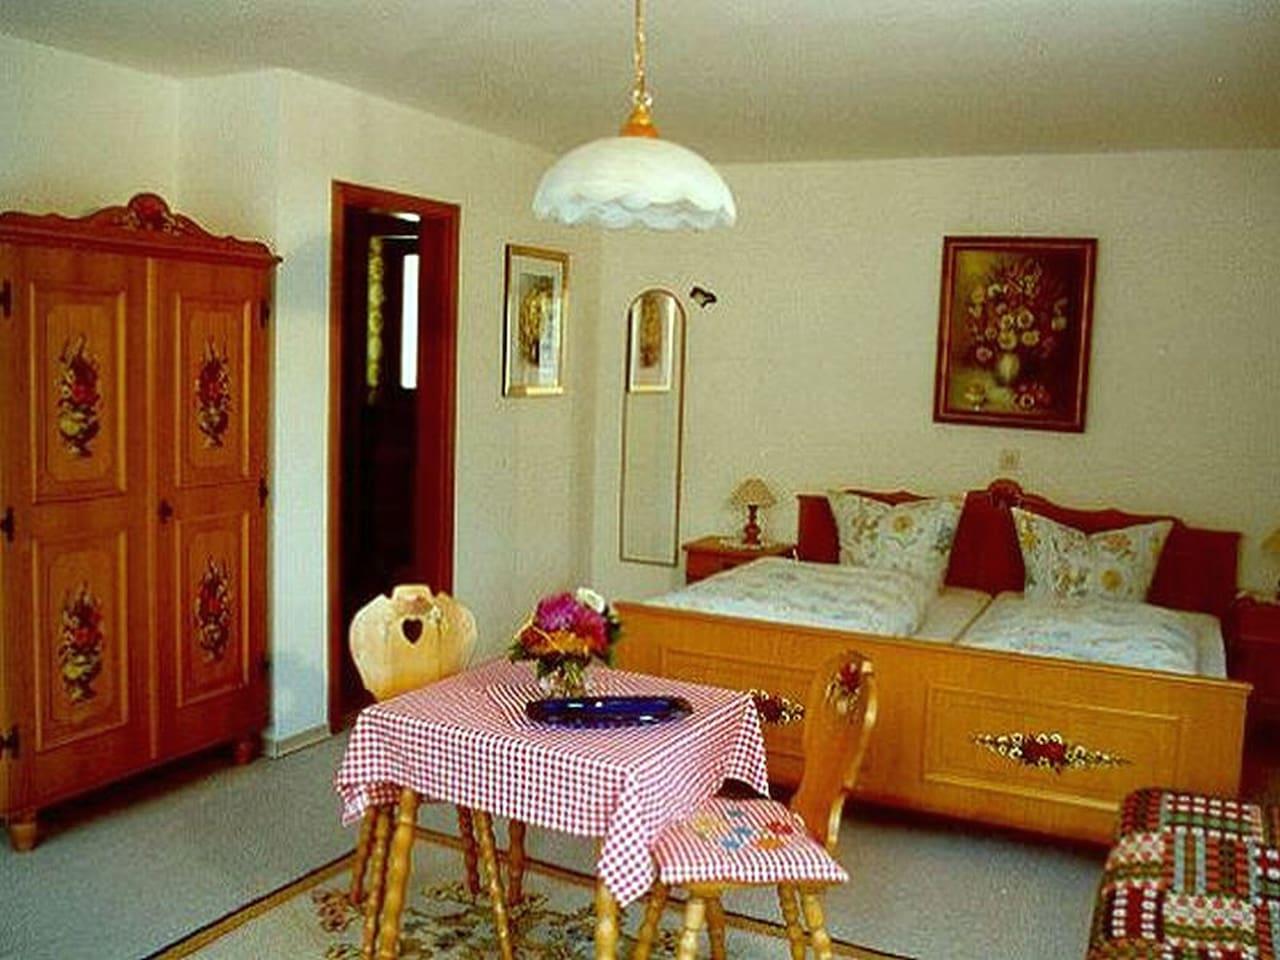 Schlafzimmer mit Schrank und Tisch, Einganstür Dusche, Wc